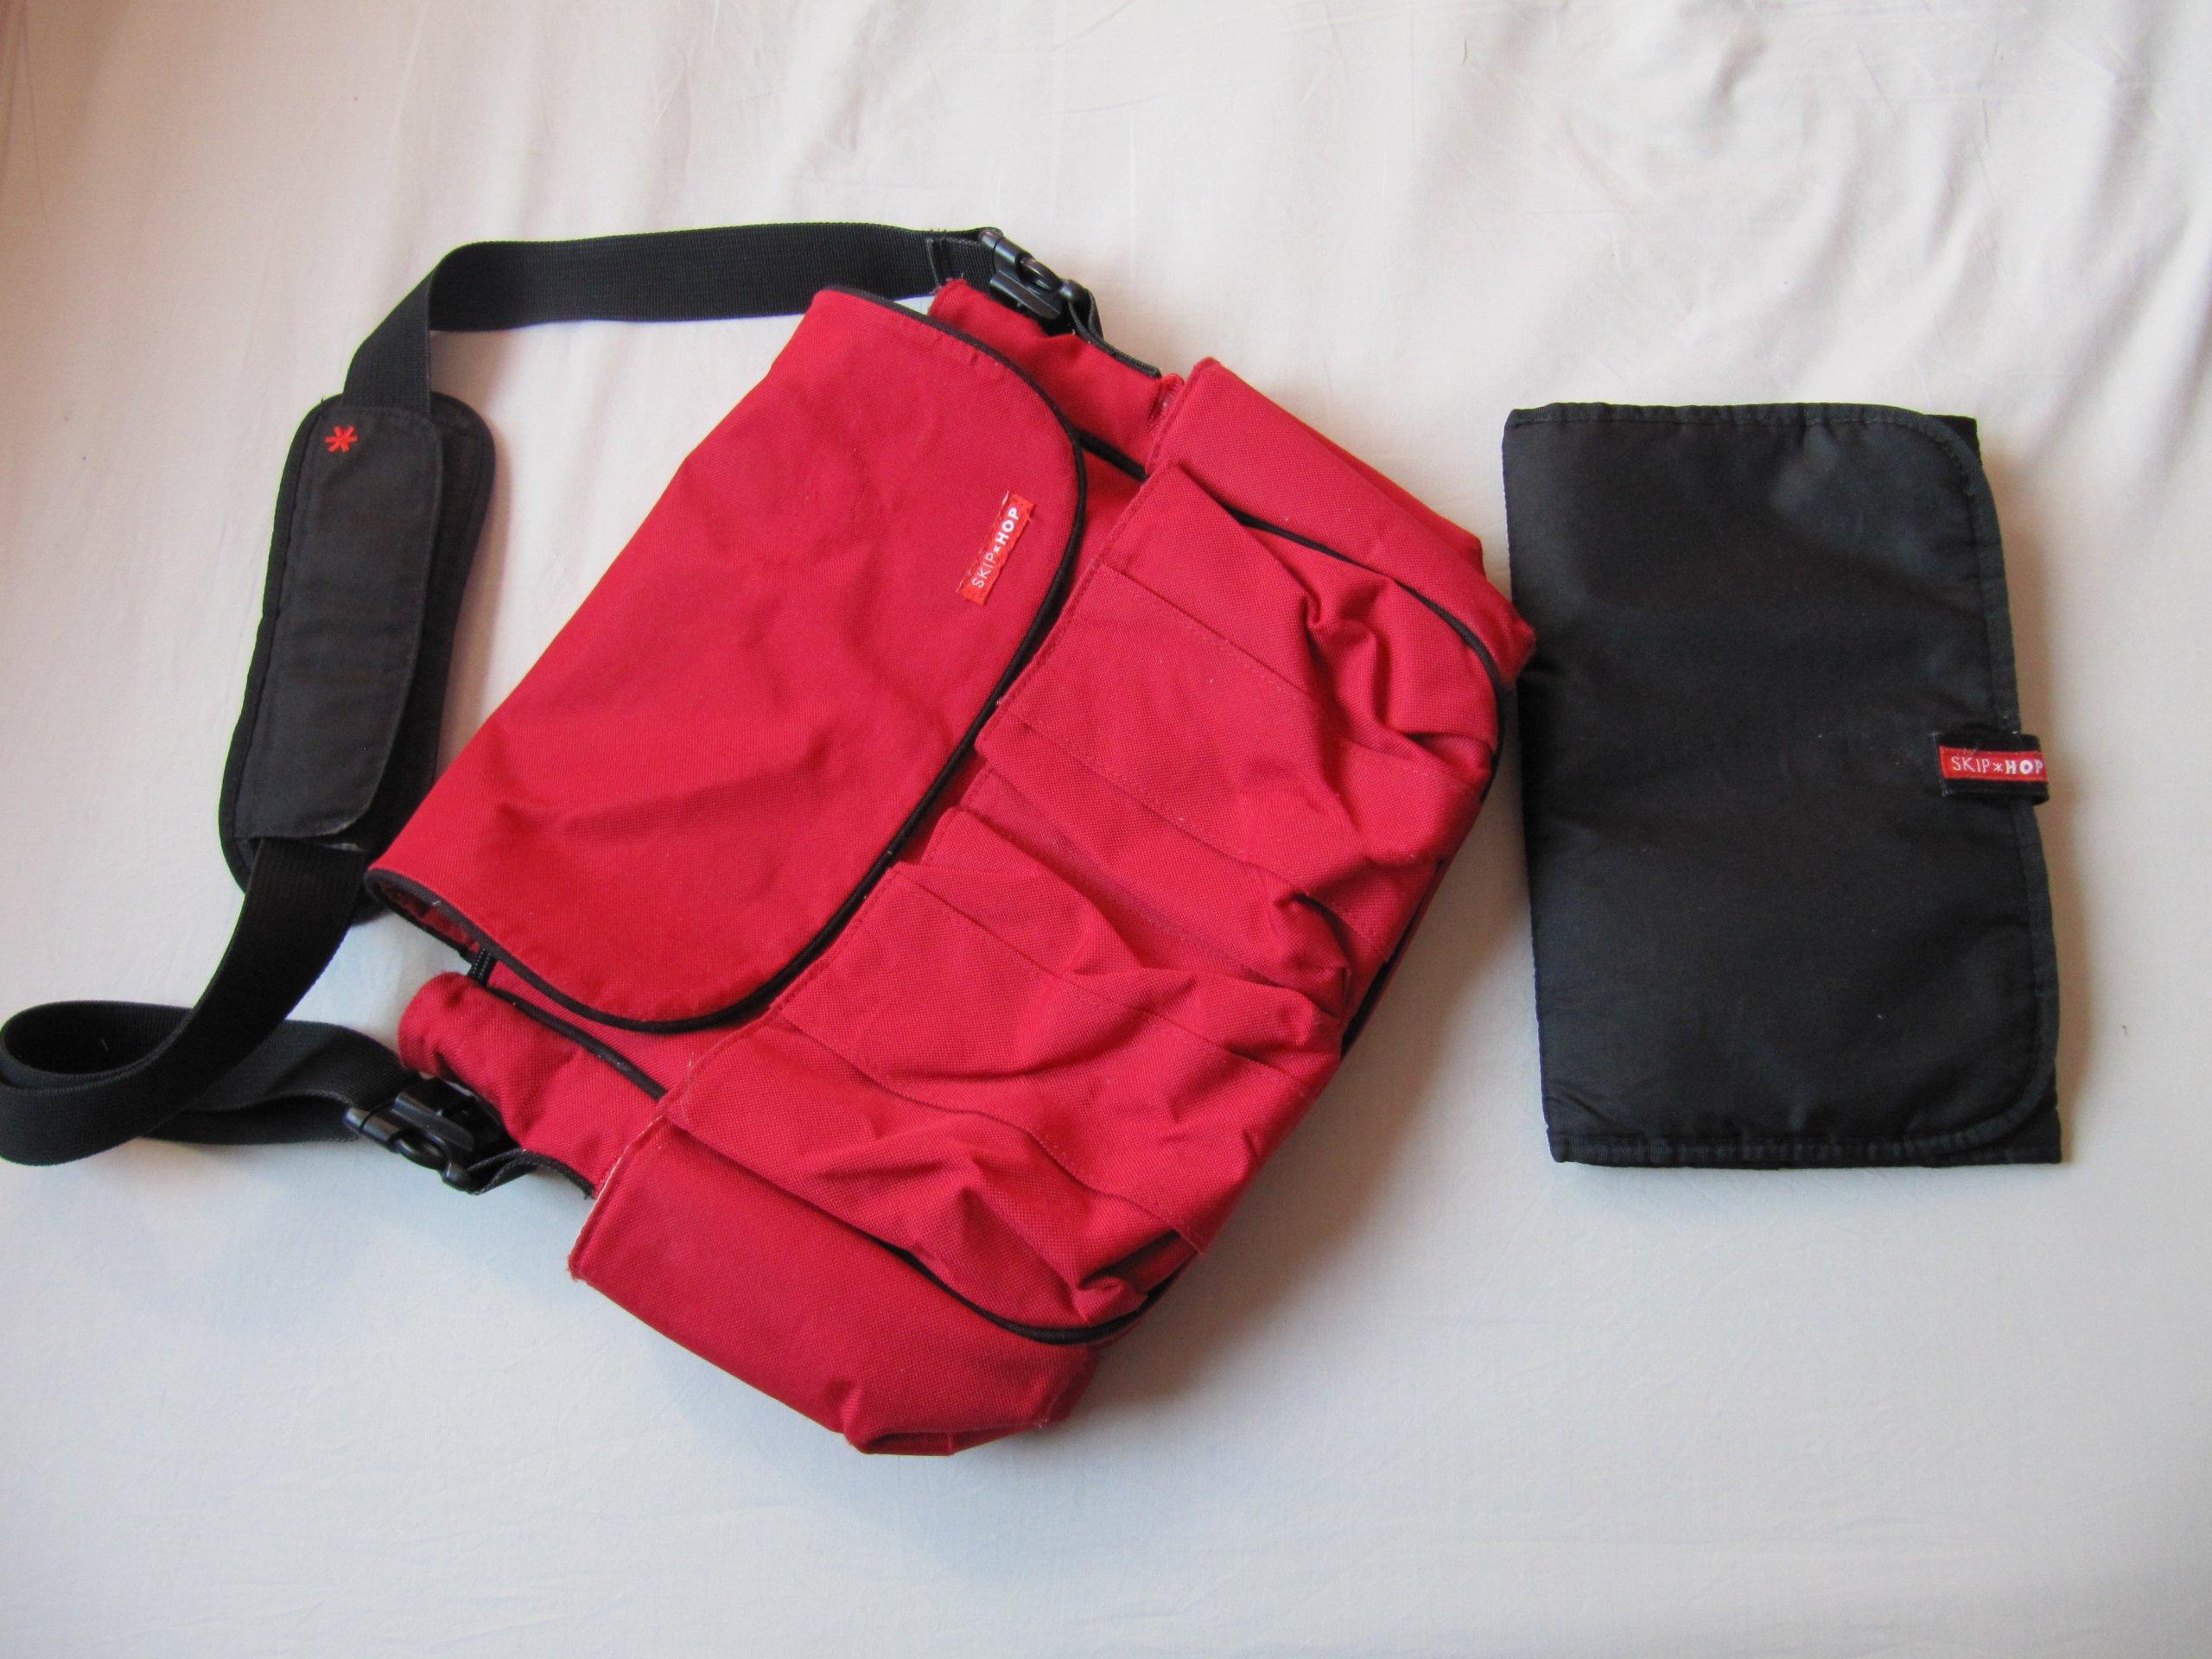 c01e1ce63e360 torba skip hop duo w kategorii Wózki w Oficjalnym Archiwum Allegro - Strona  8 - archiwum ofert